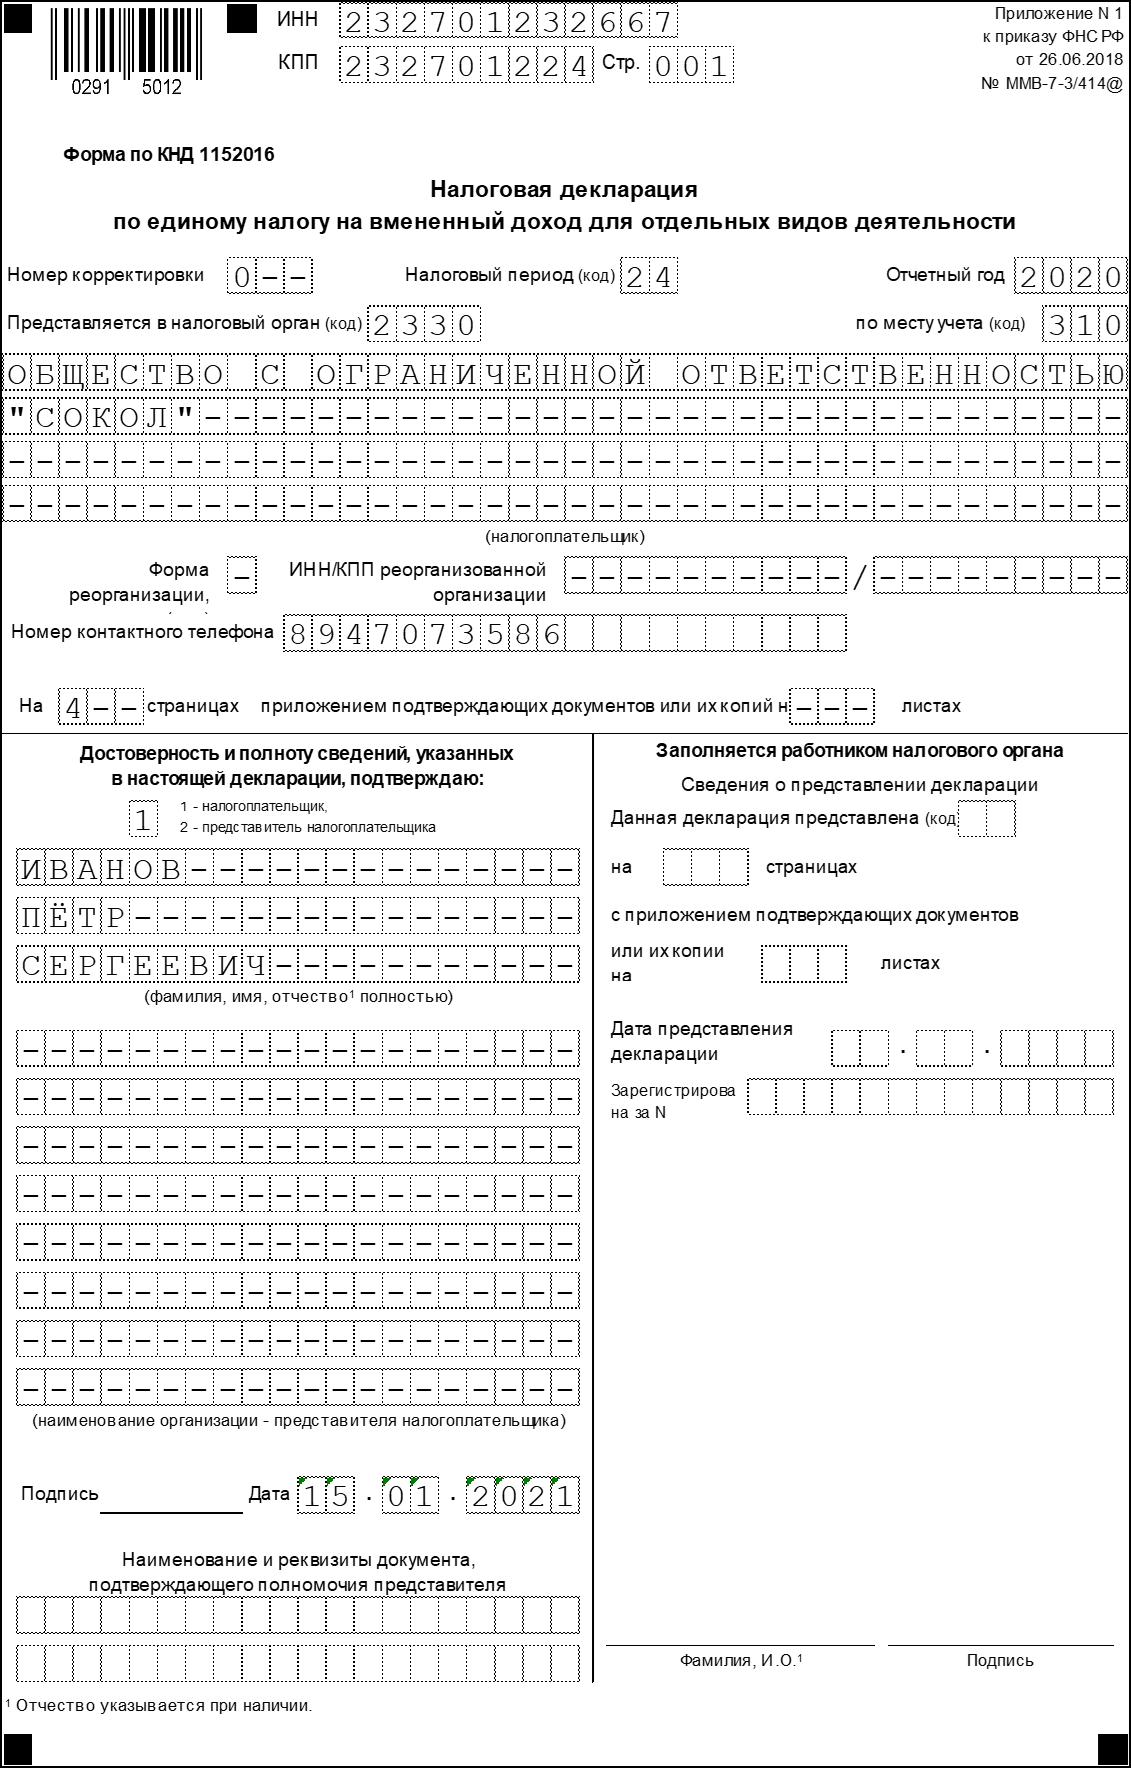 Титульный лист декларации по ЕНВД